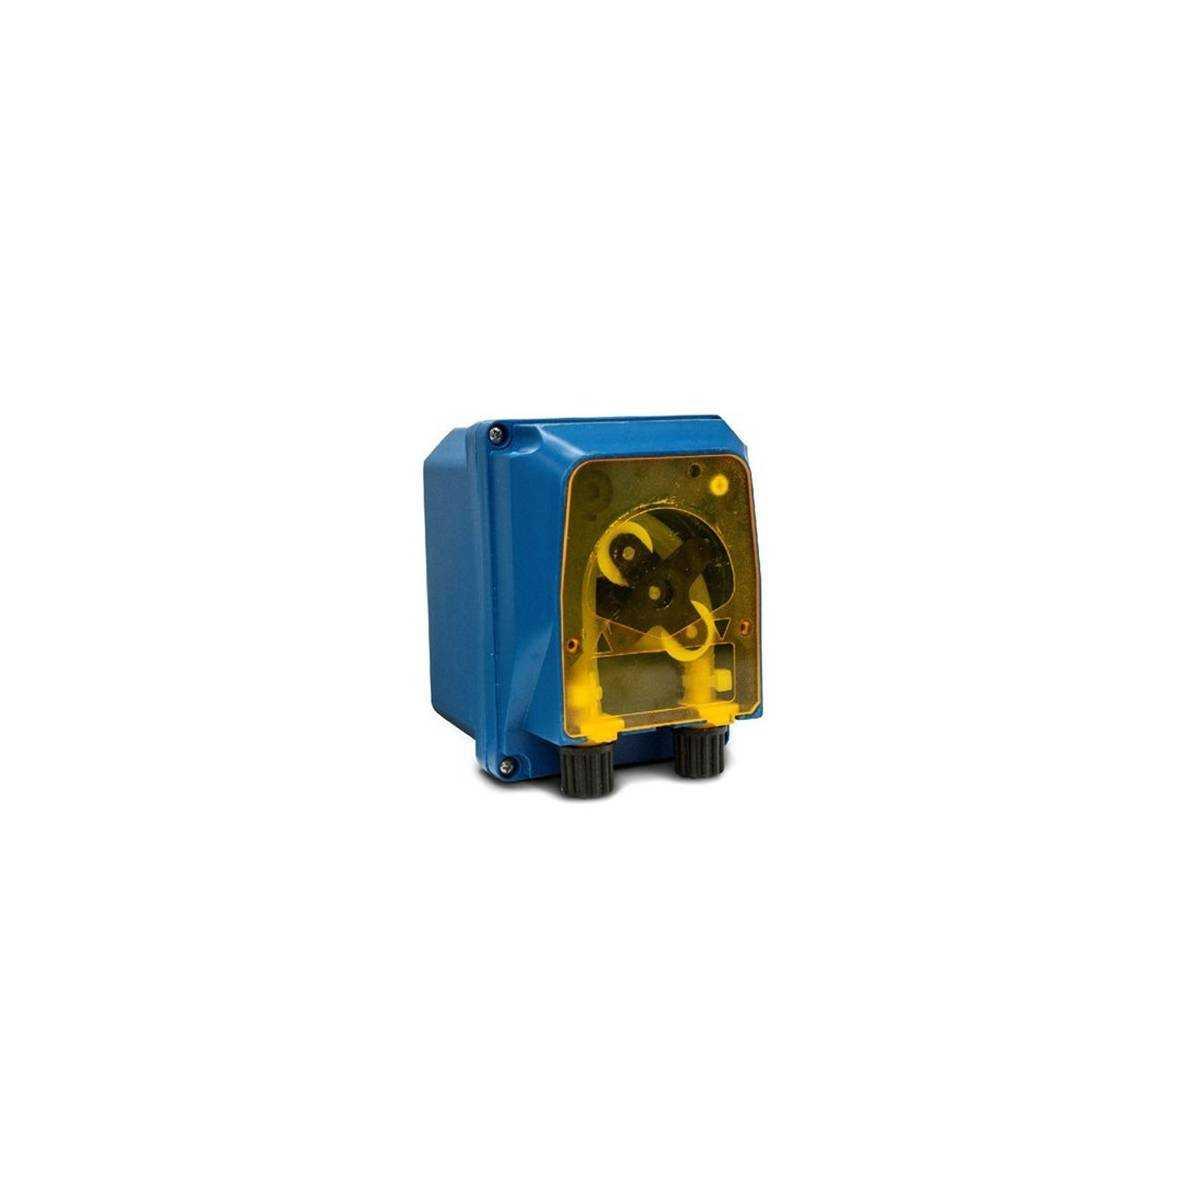 Насос-дозатор для моющих средств PR1 PPR0301A2000 A Seko